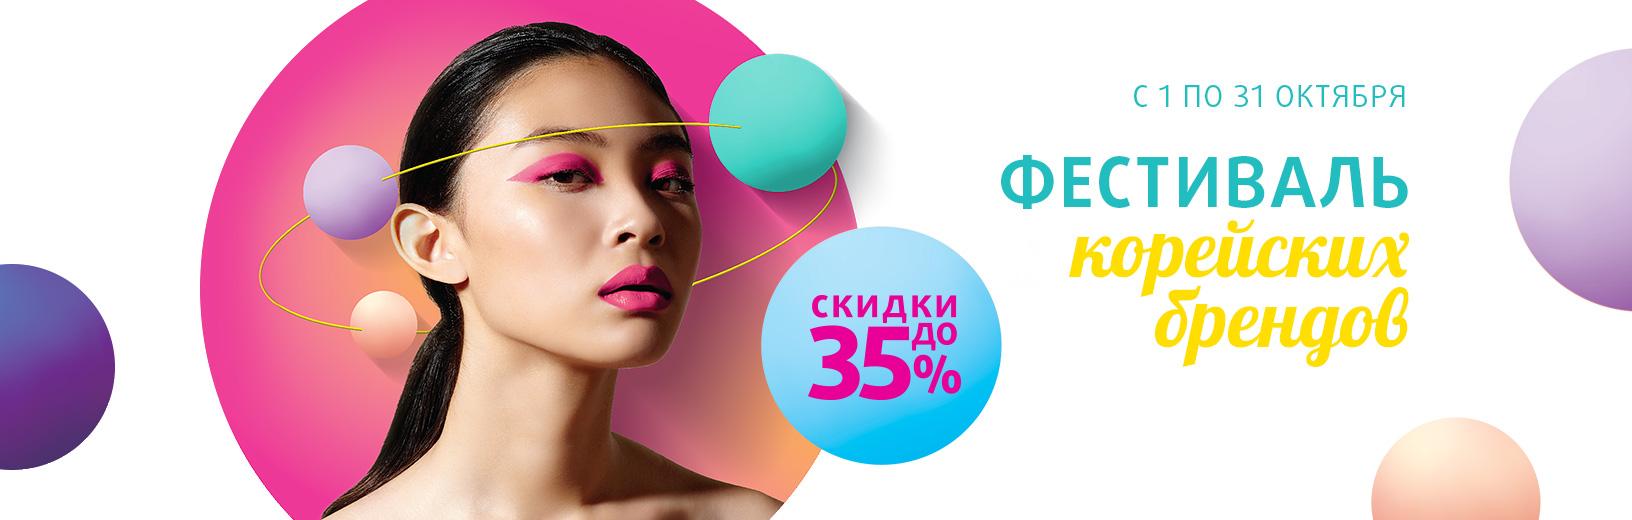 Фестиваль корейских брендов